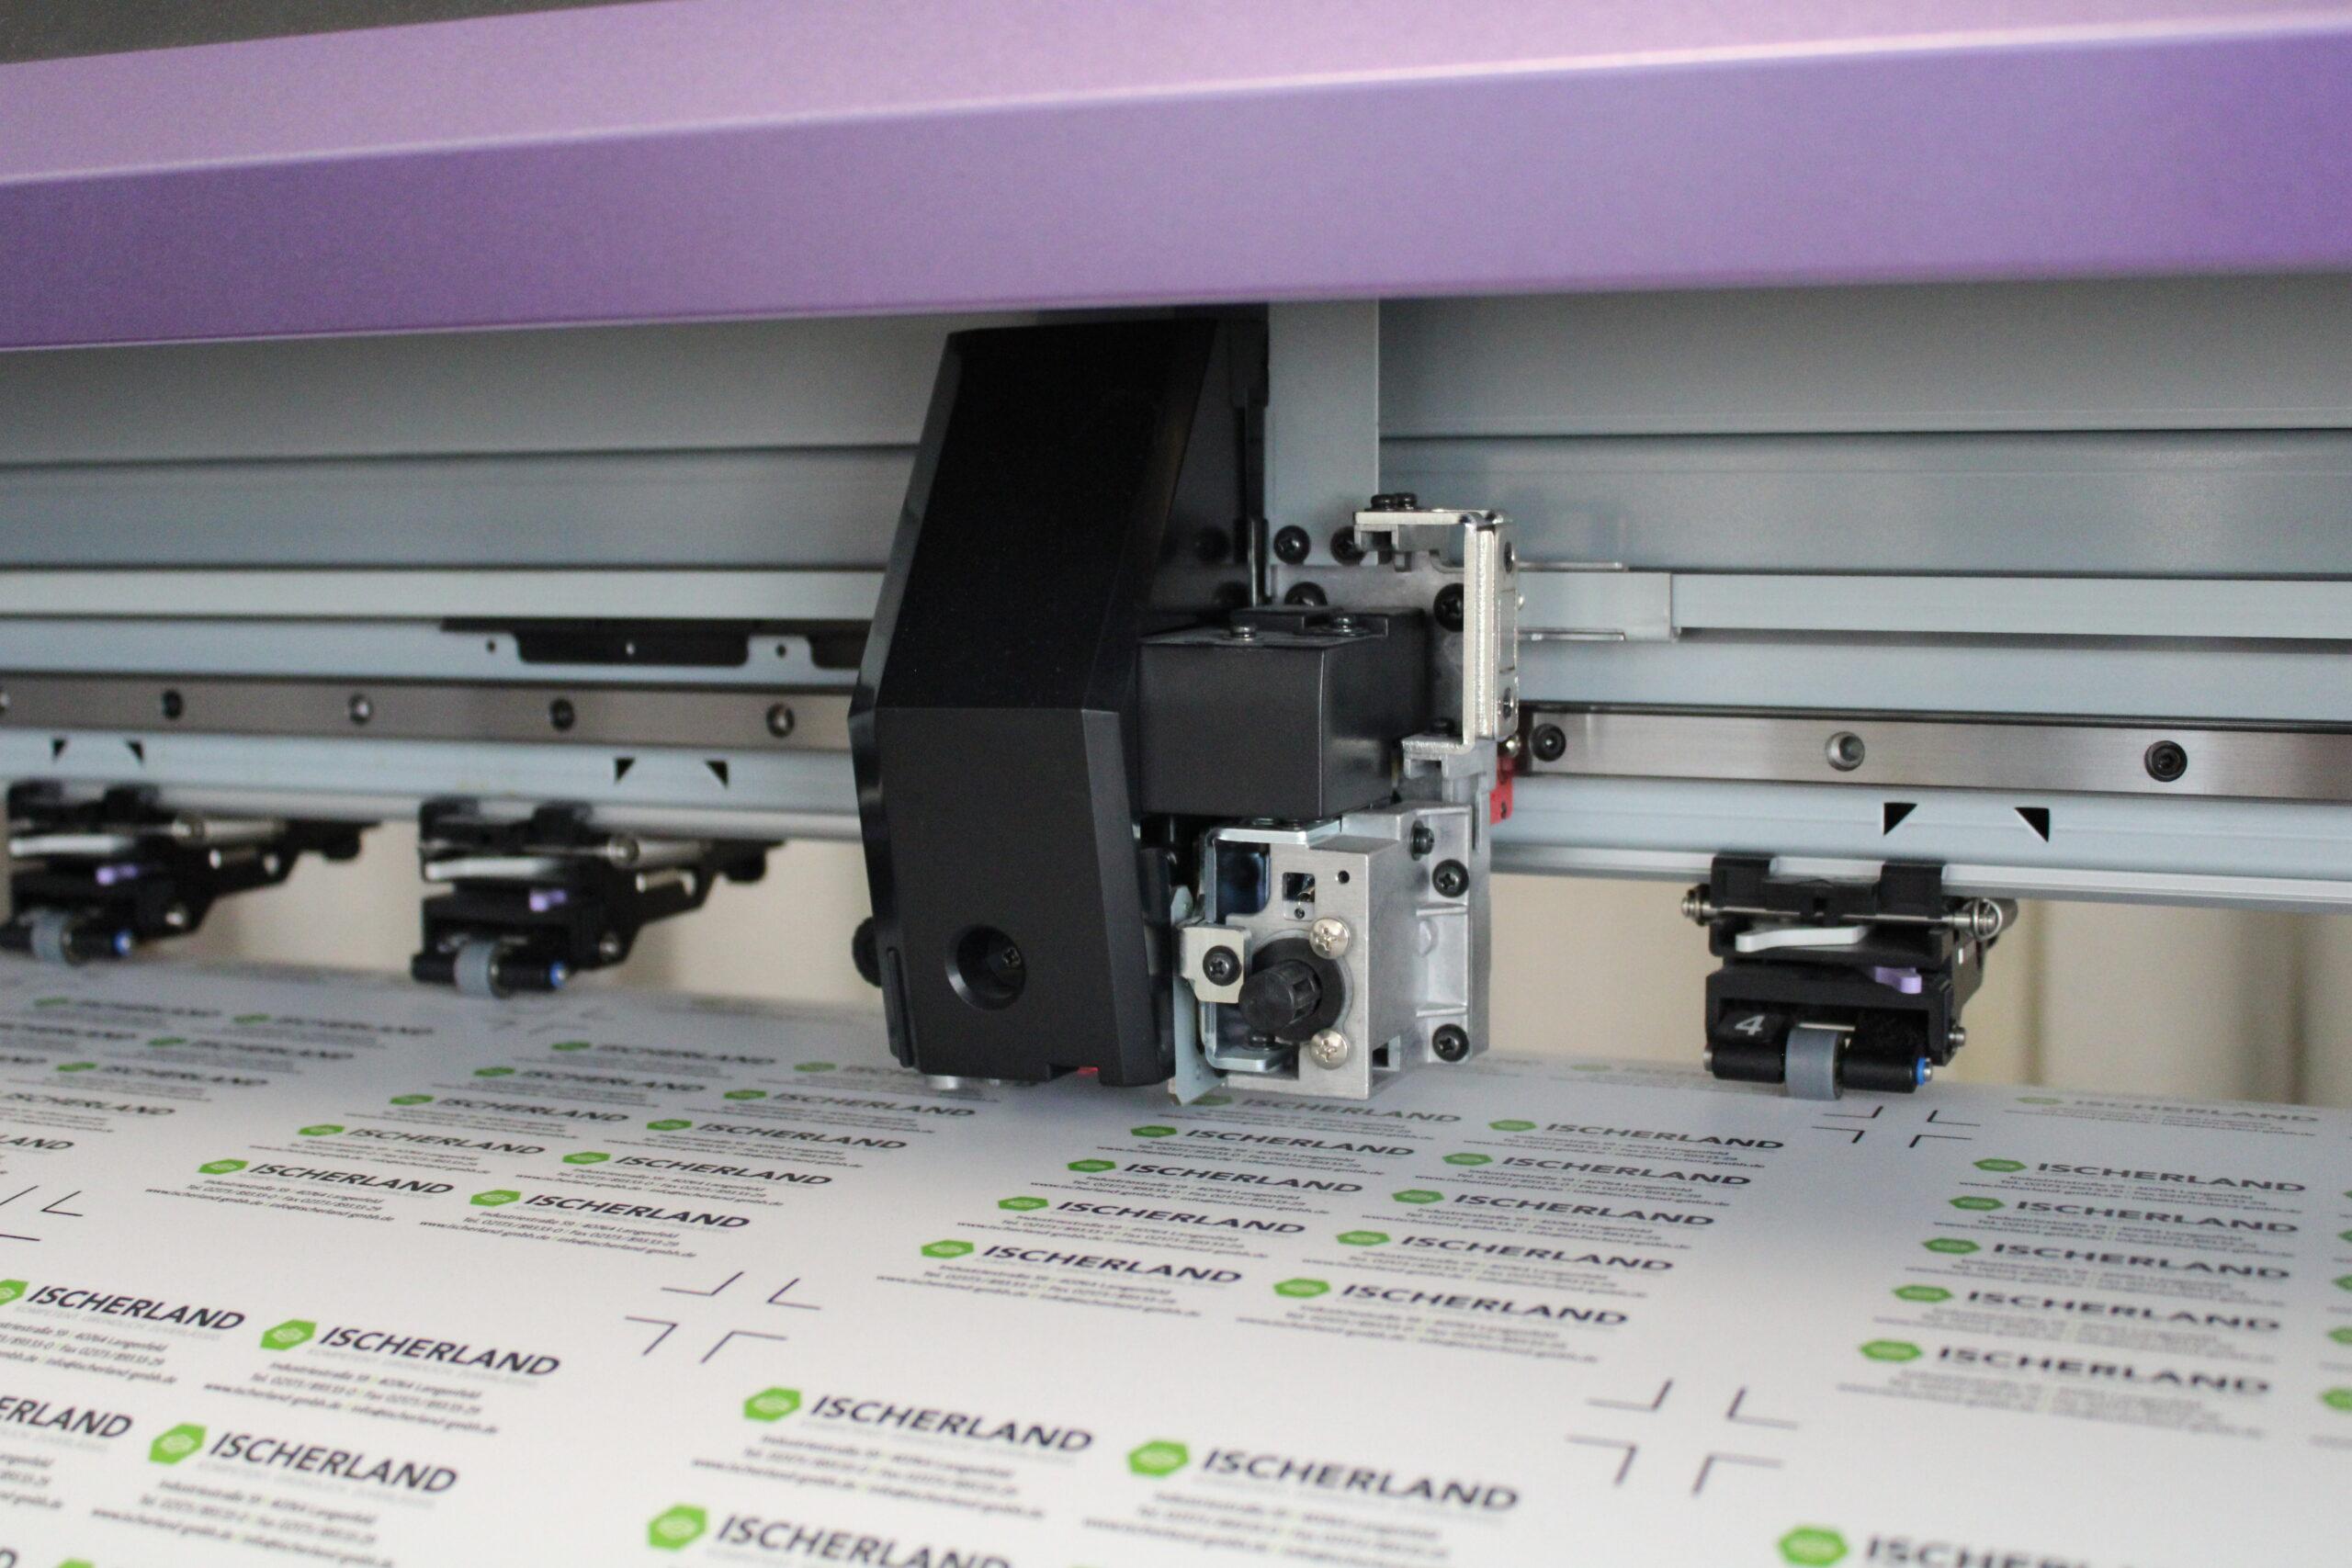 Digitaldruckmaschine Ernst Jancke Industrieschilder GmbH